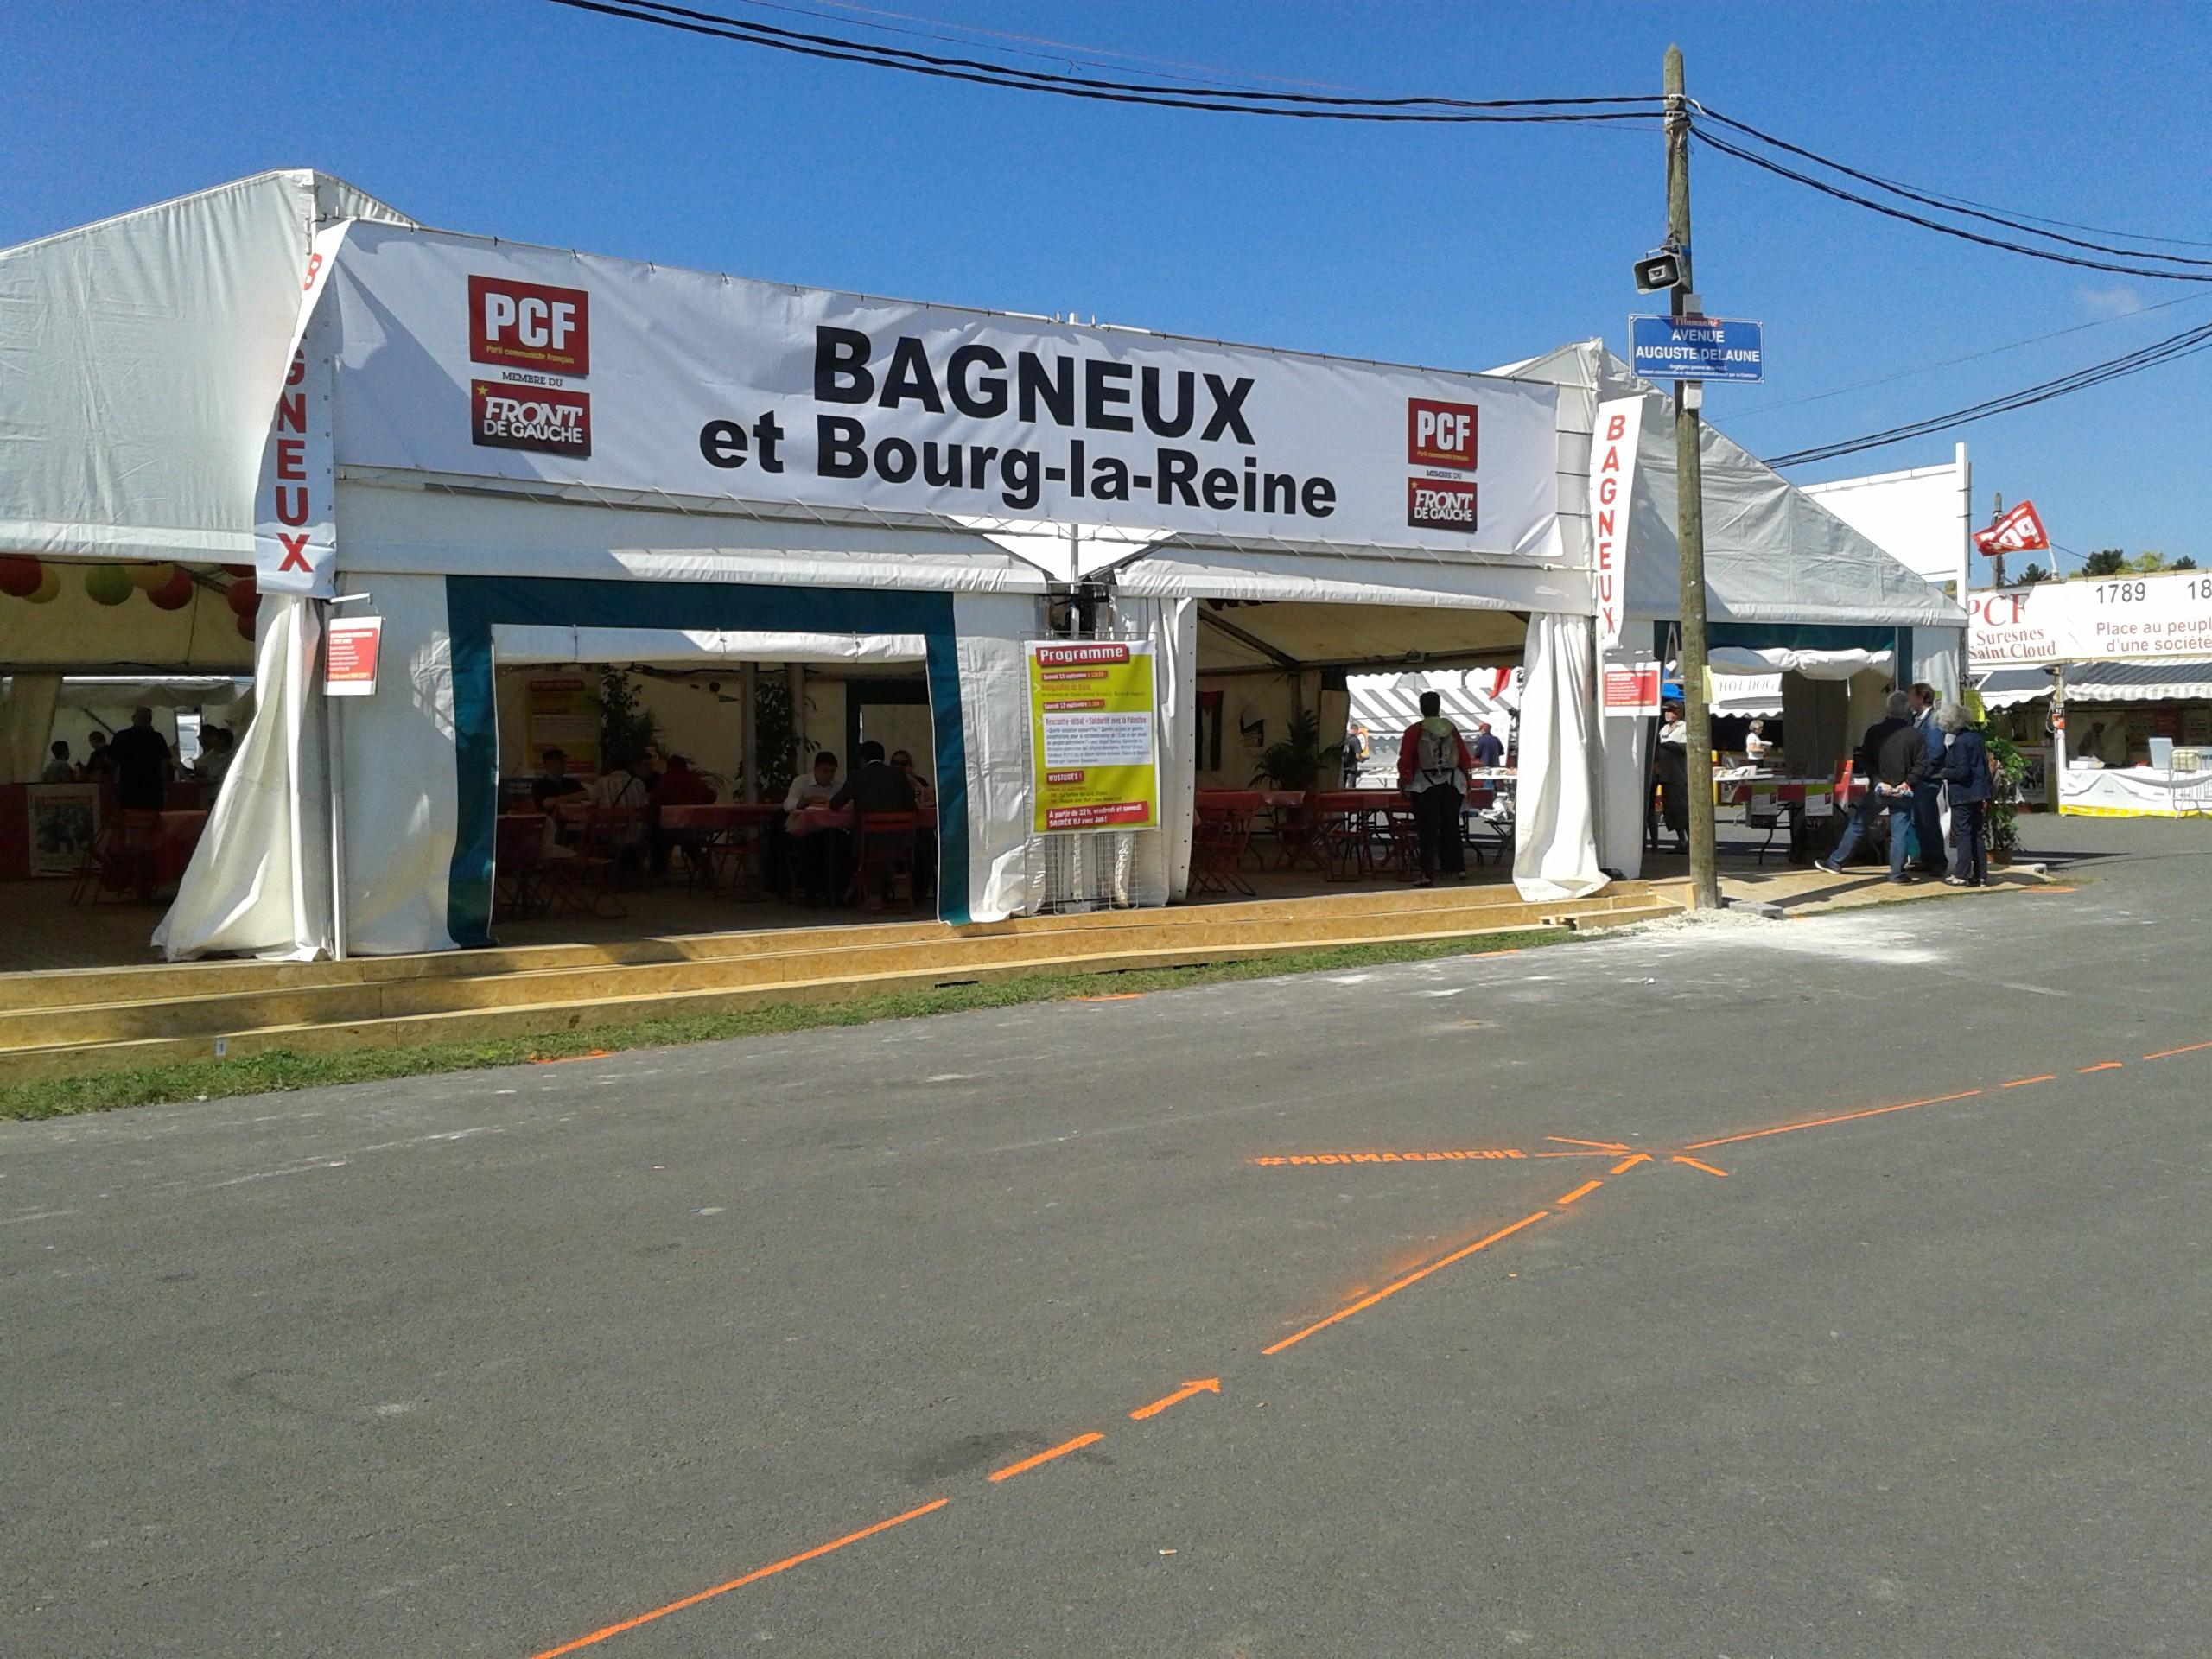 Fête de l'Huma 2014 - Le stand de Bagneux Bourg-la-Reine